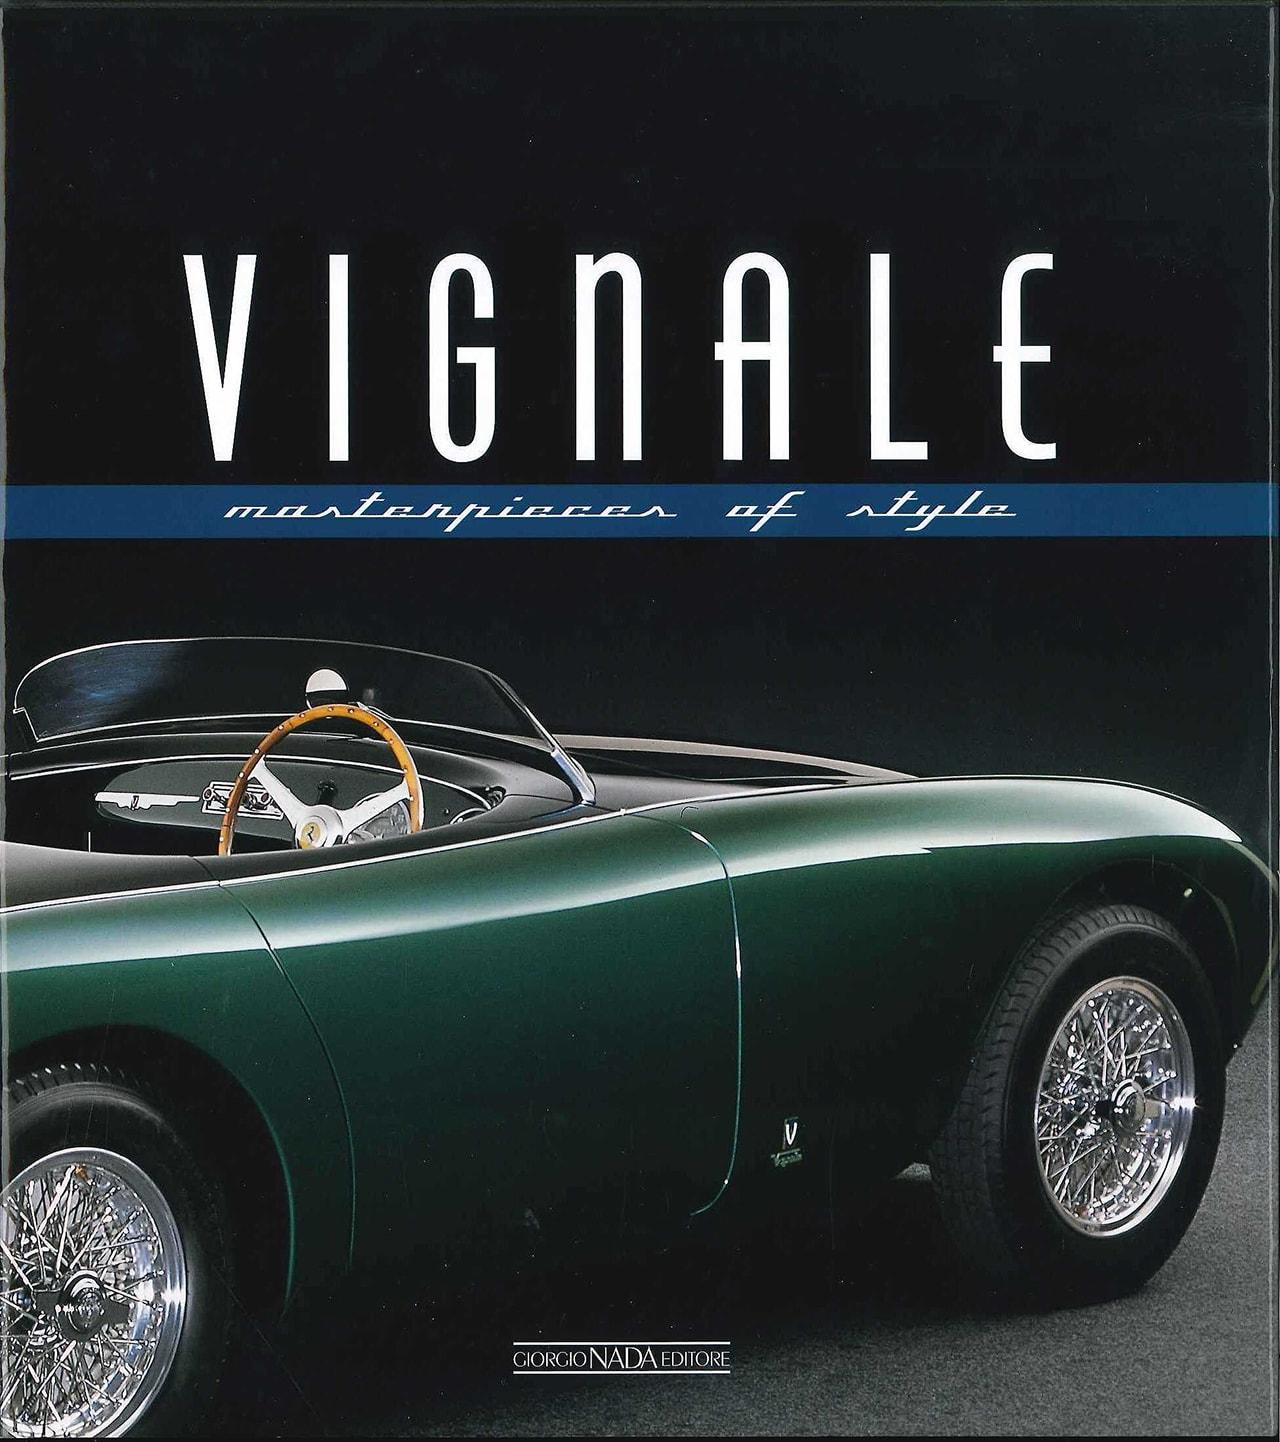 アルファロメオ、ダイハツ、フェラーリで魅せた最初期のカロッツェリアの一つ「ヴィニャーレ」の写真資料集【新書紹介】